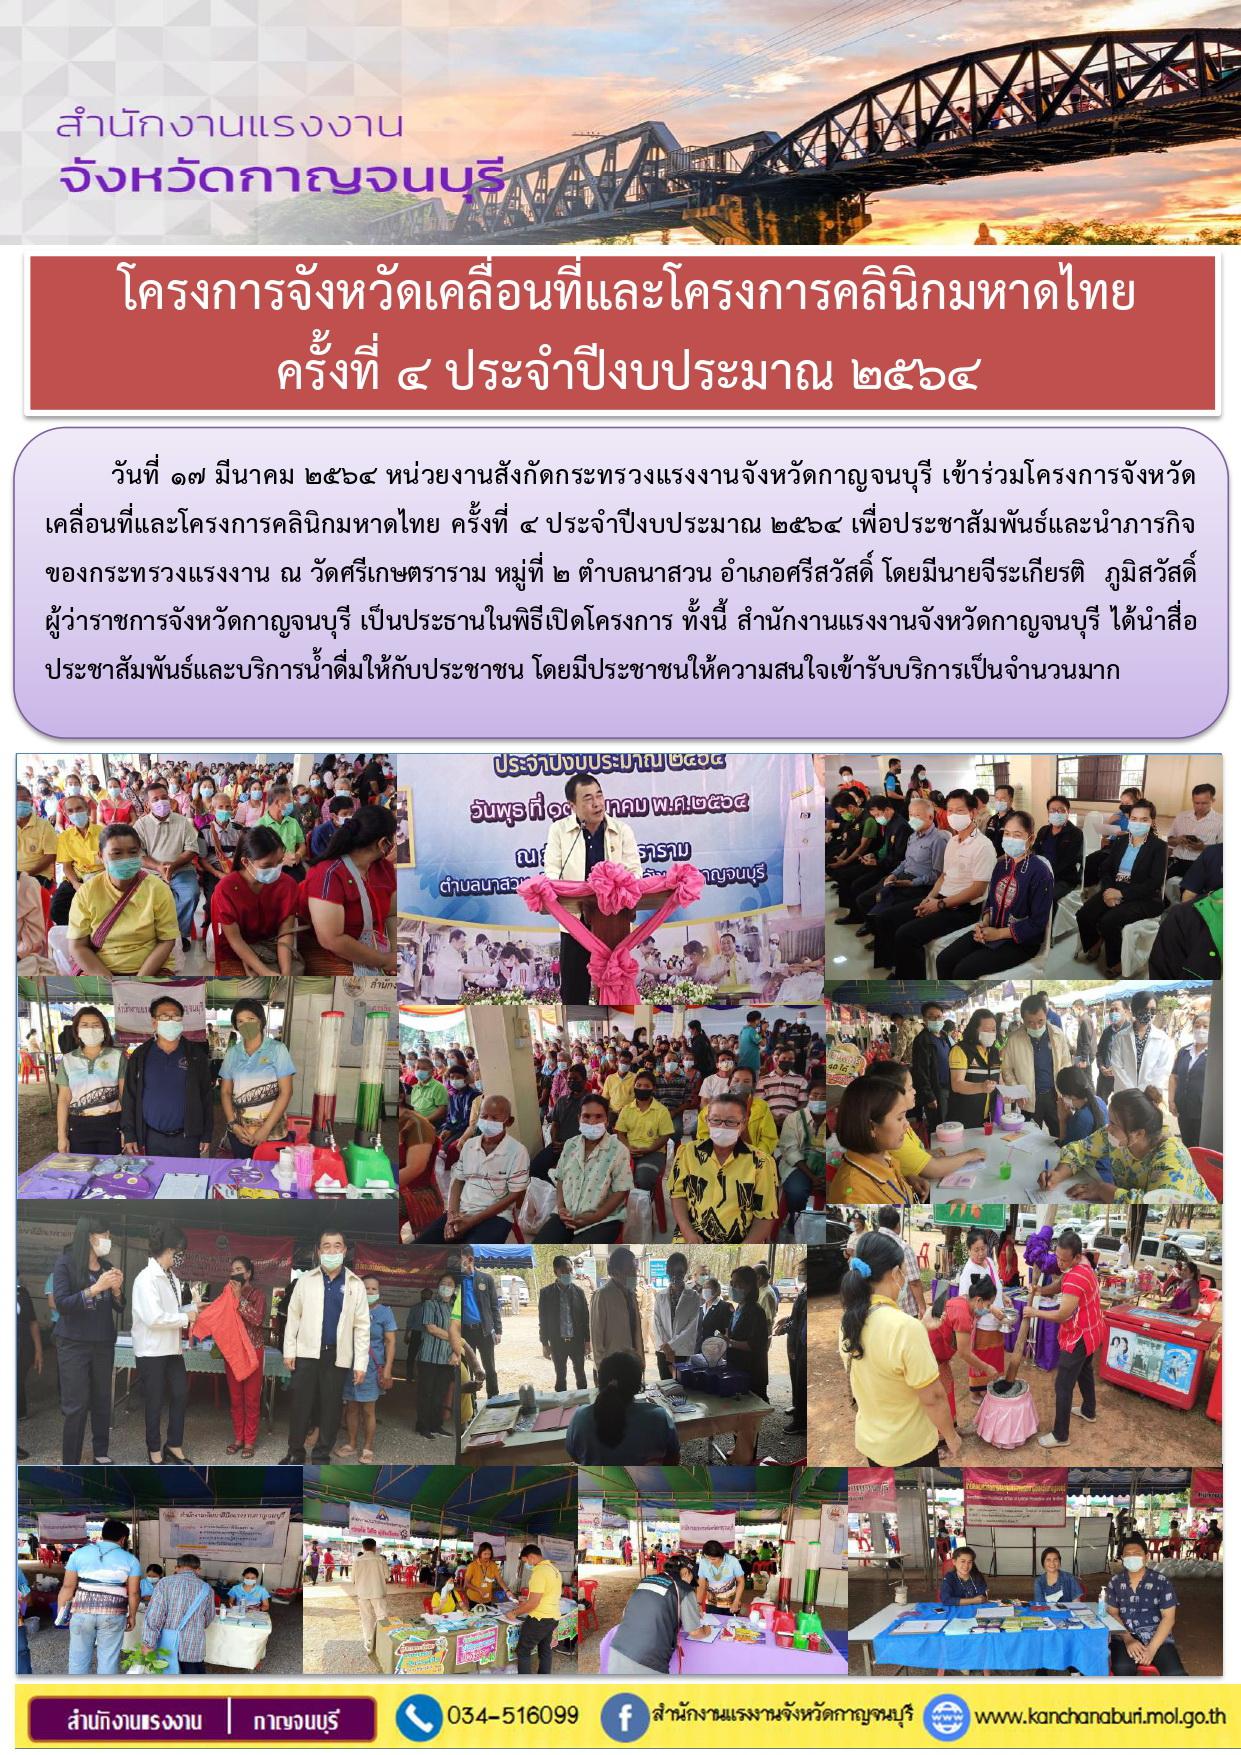 โครงการจังหวัดเคลื่อนที่และโครงการคลินิกมหาดไทย ครั้งที่ 4 ประจำปีงบประมาณ 2564